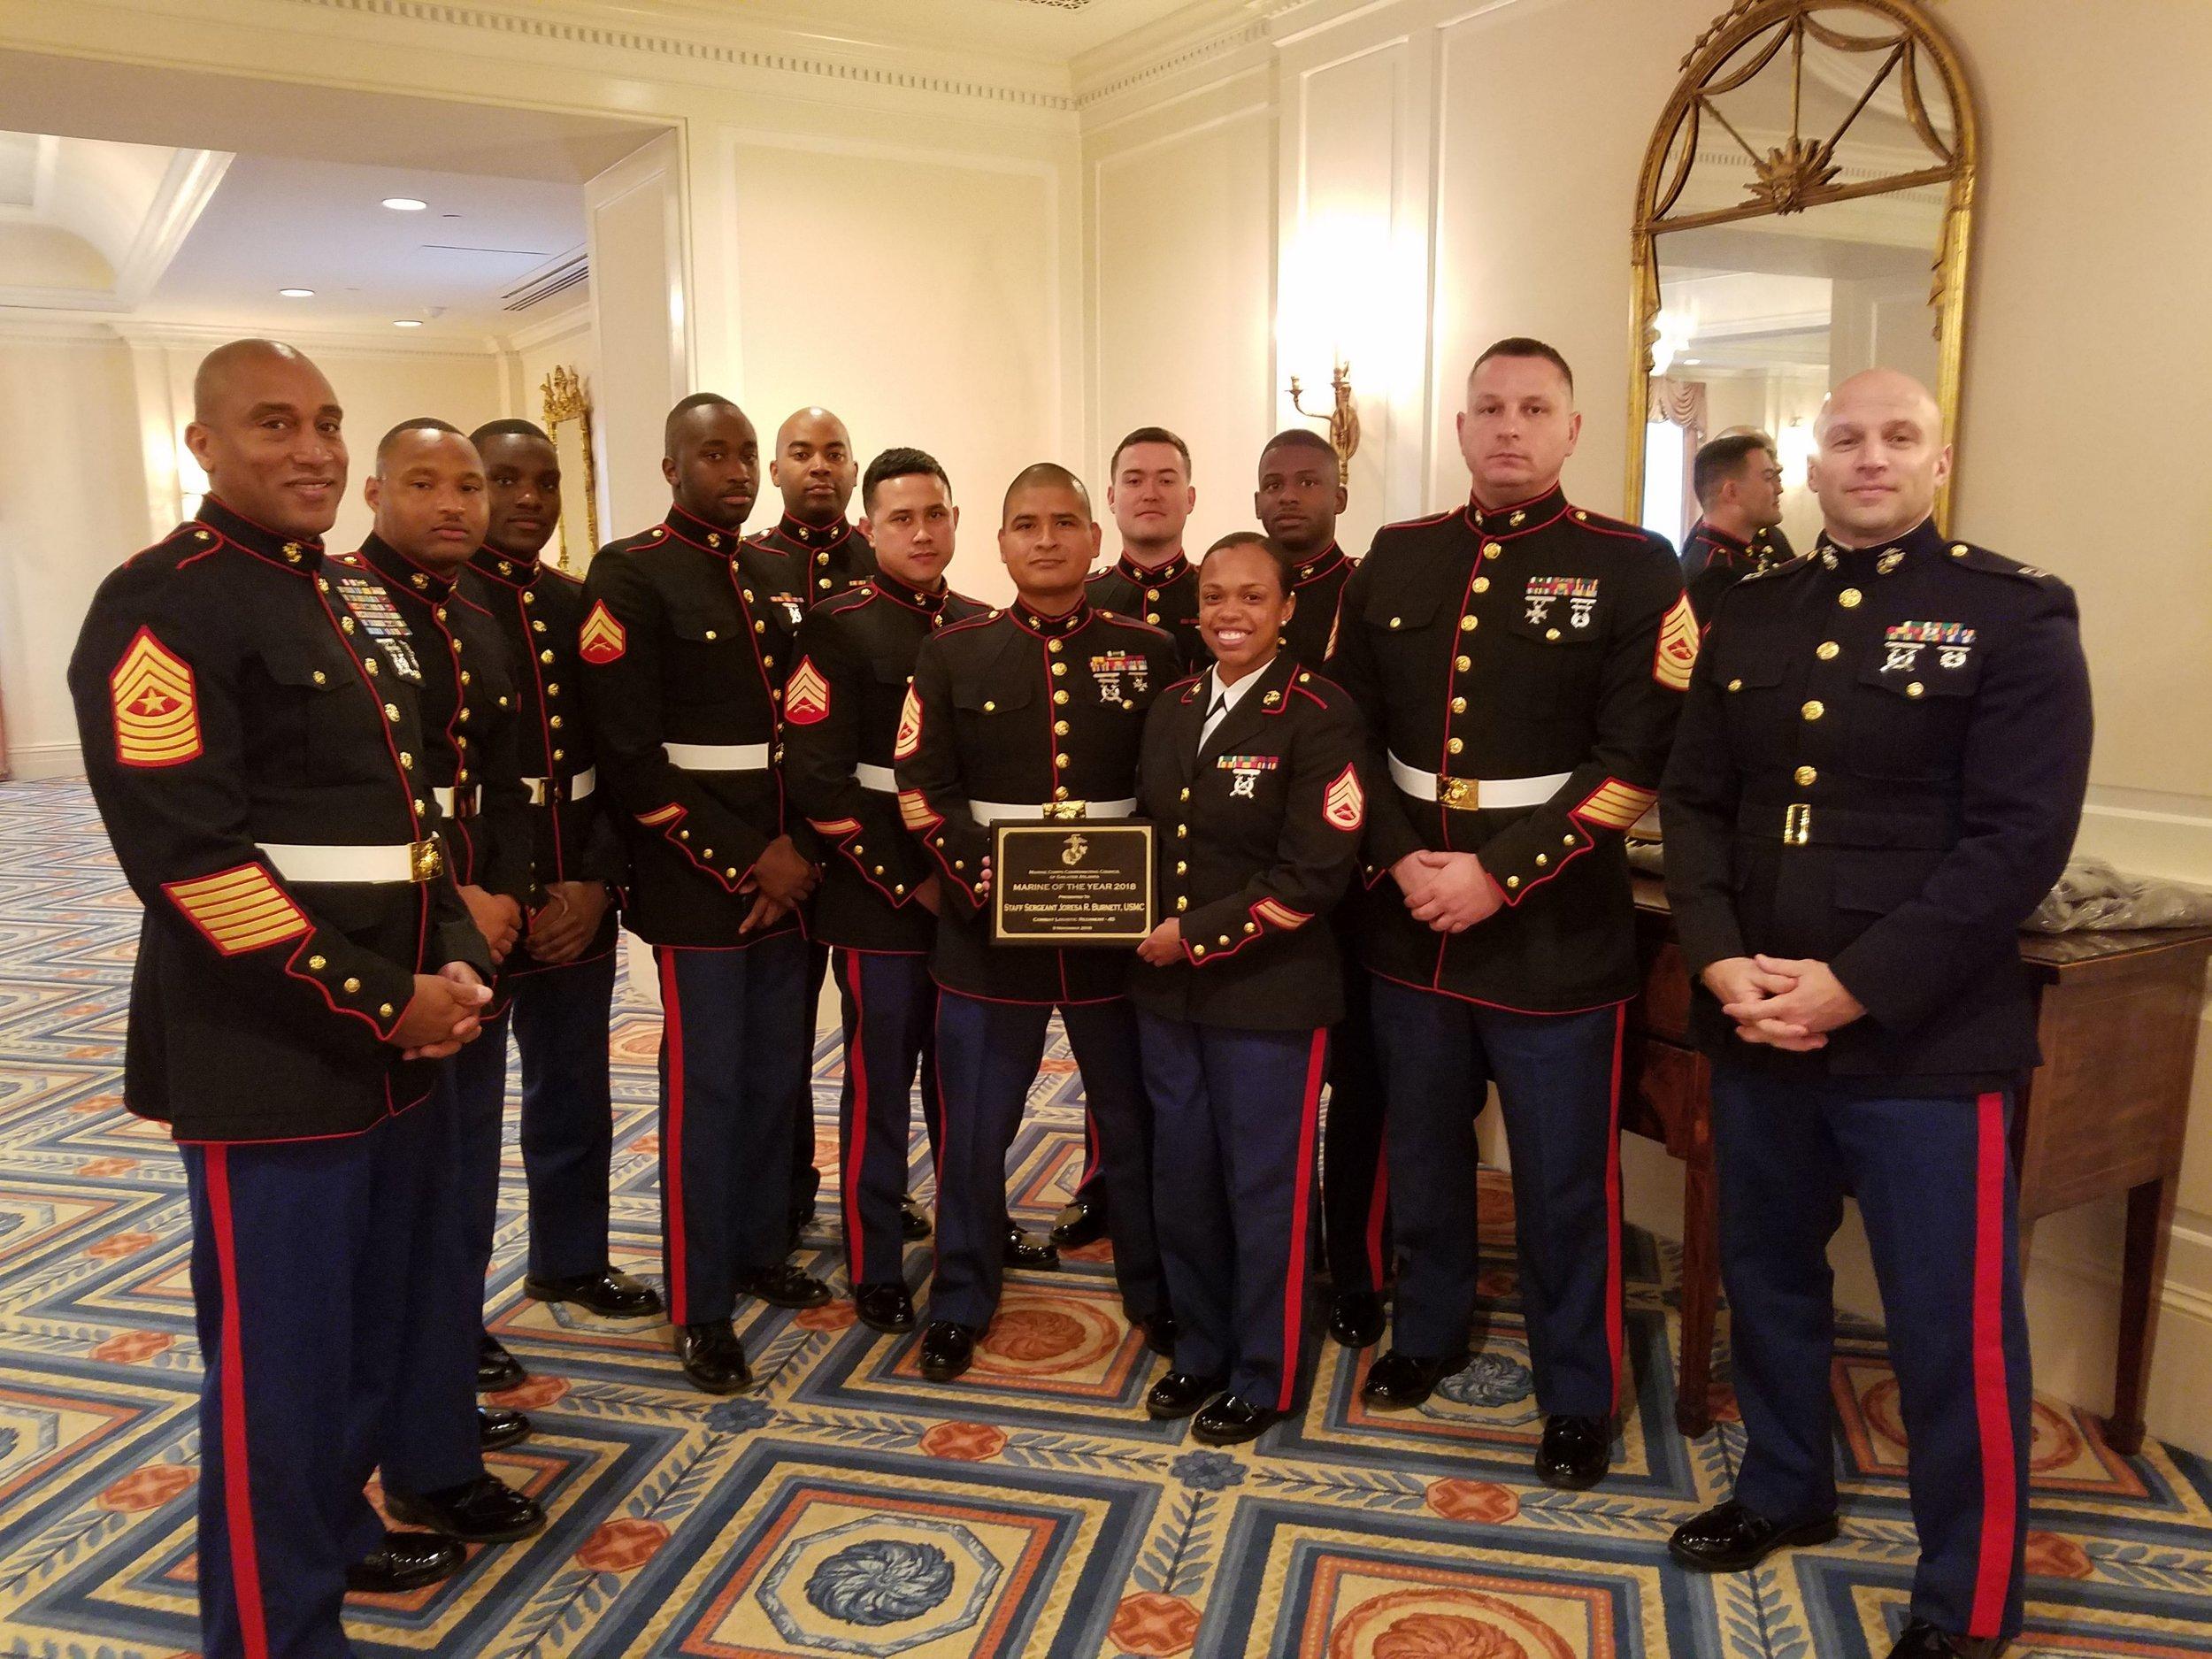 USMC Birthday 2018 - 2018-11-09 19.03.14 (Betsy S.).jpg